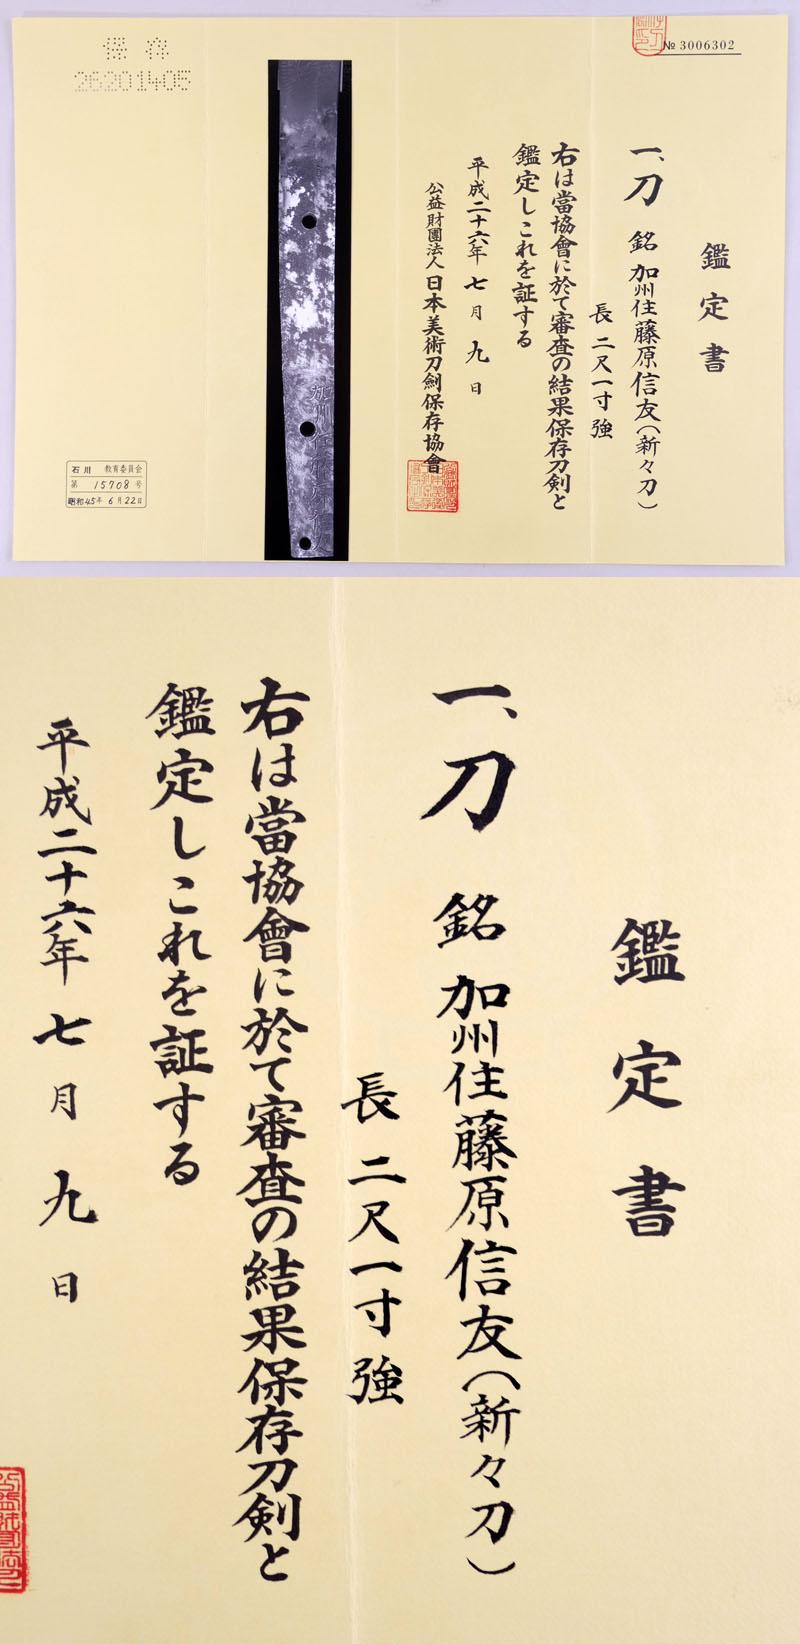 加州住藤原信友 Picture of Certificate